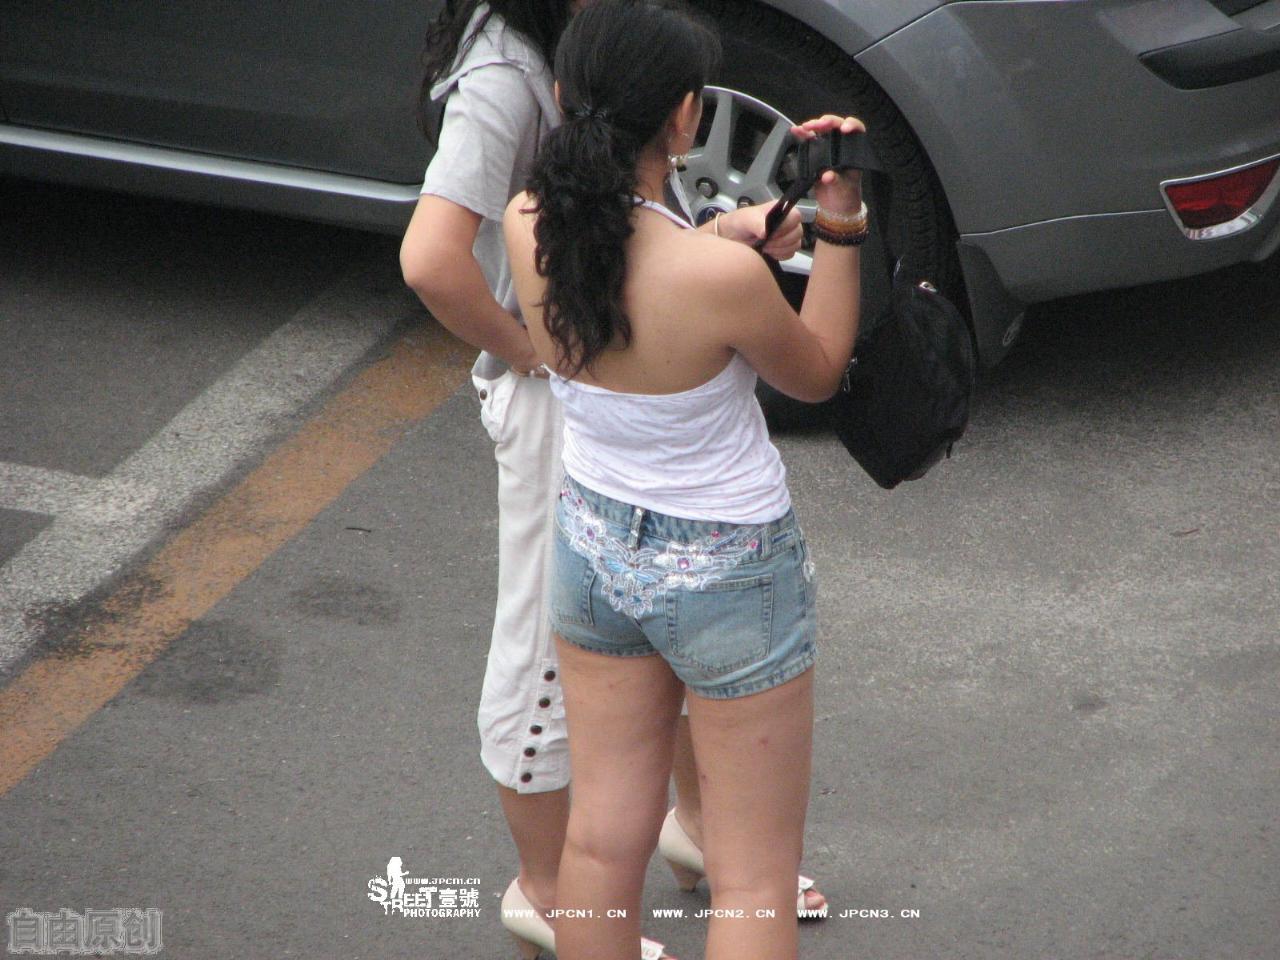 街拍薄裤内痕图,街拍内痕效果图,街拍紧薄白裤内痕,街拍米黄薄裤图片